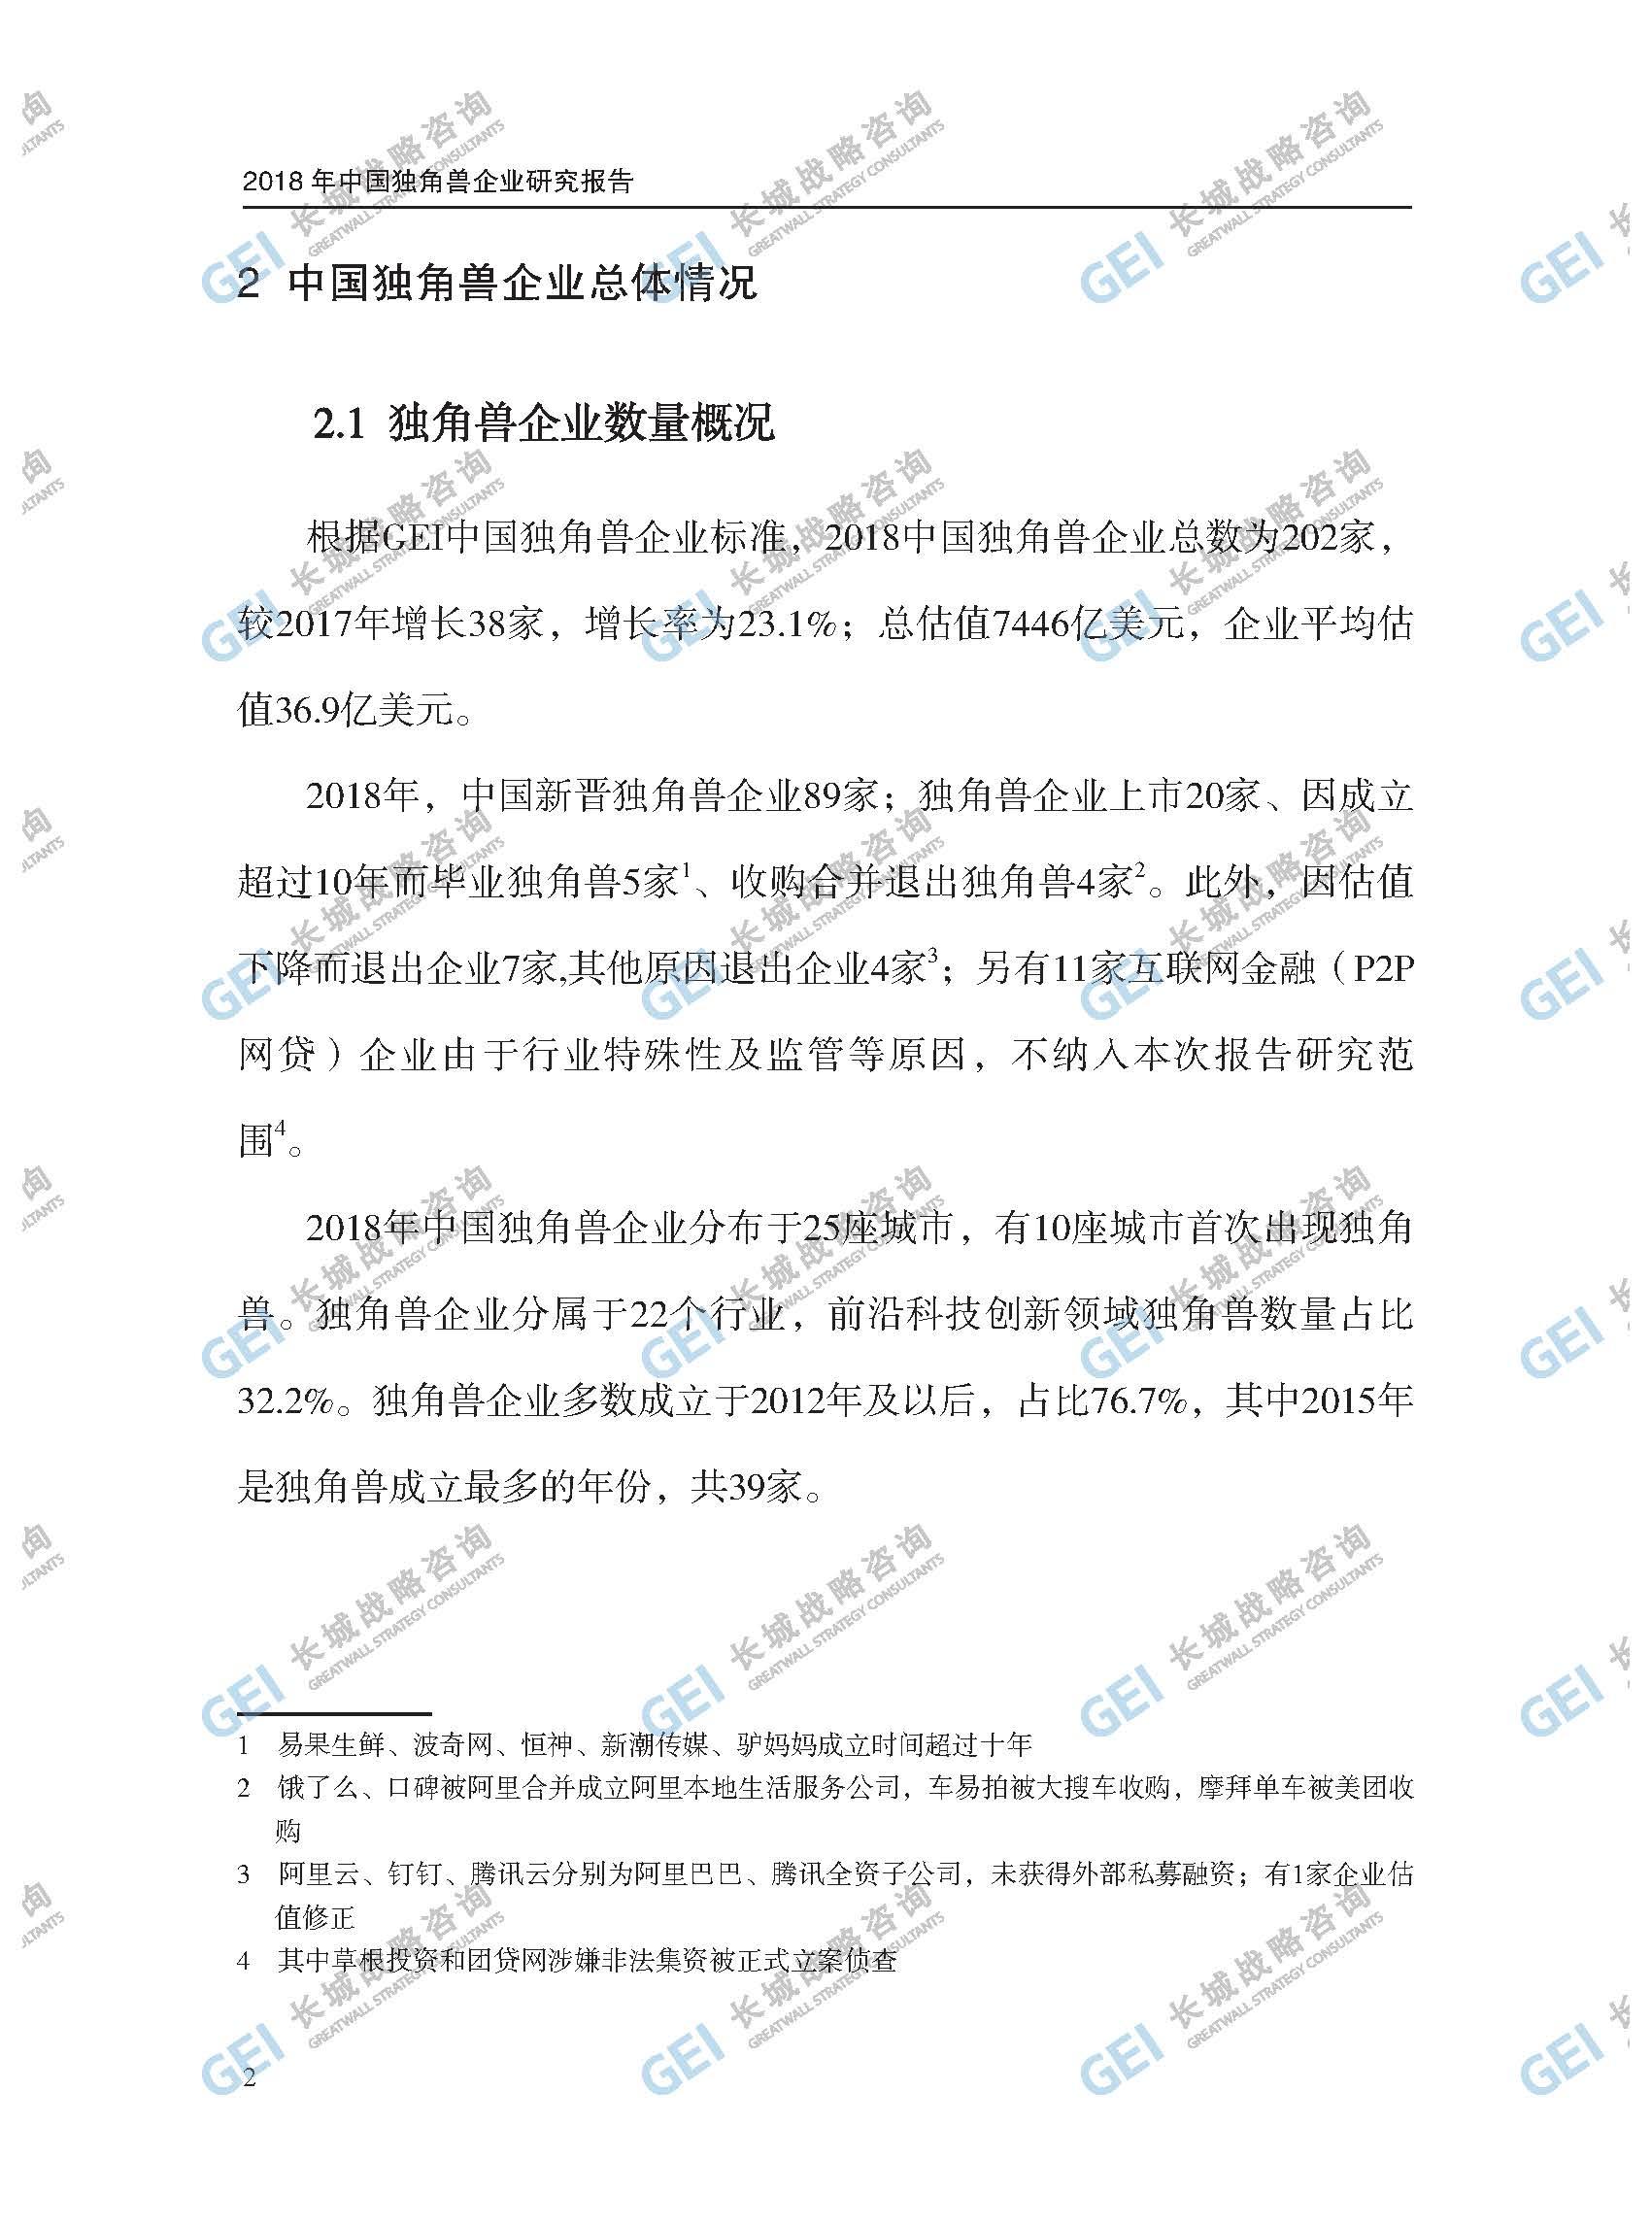 2018年中國獨角獸企業研究報告-加水印-已壓縮_頁面_008.jpg